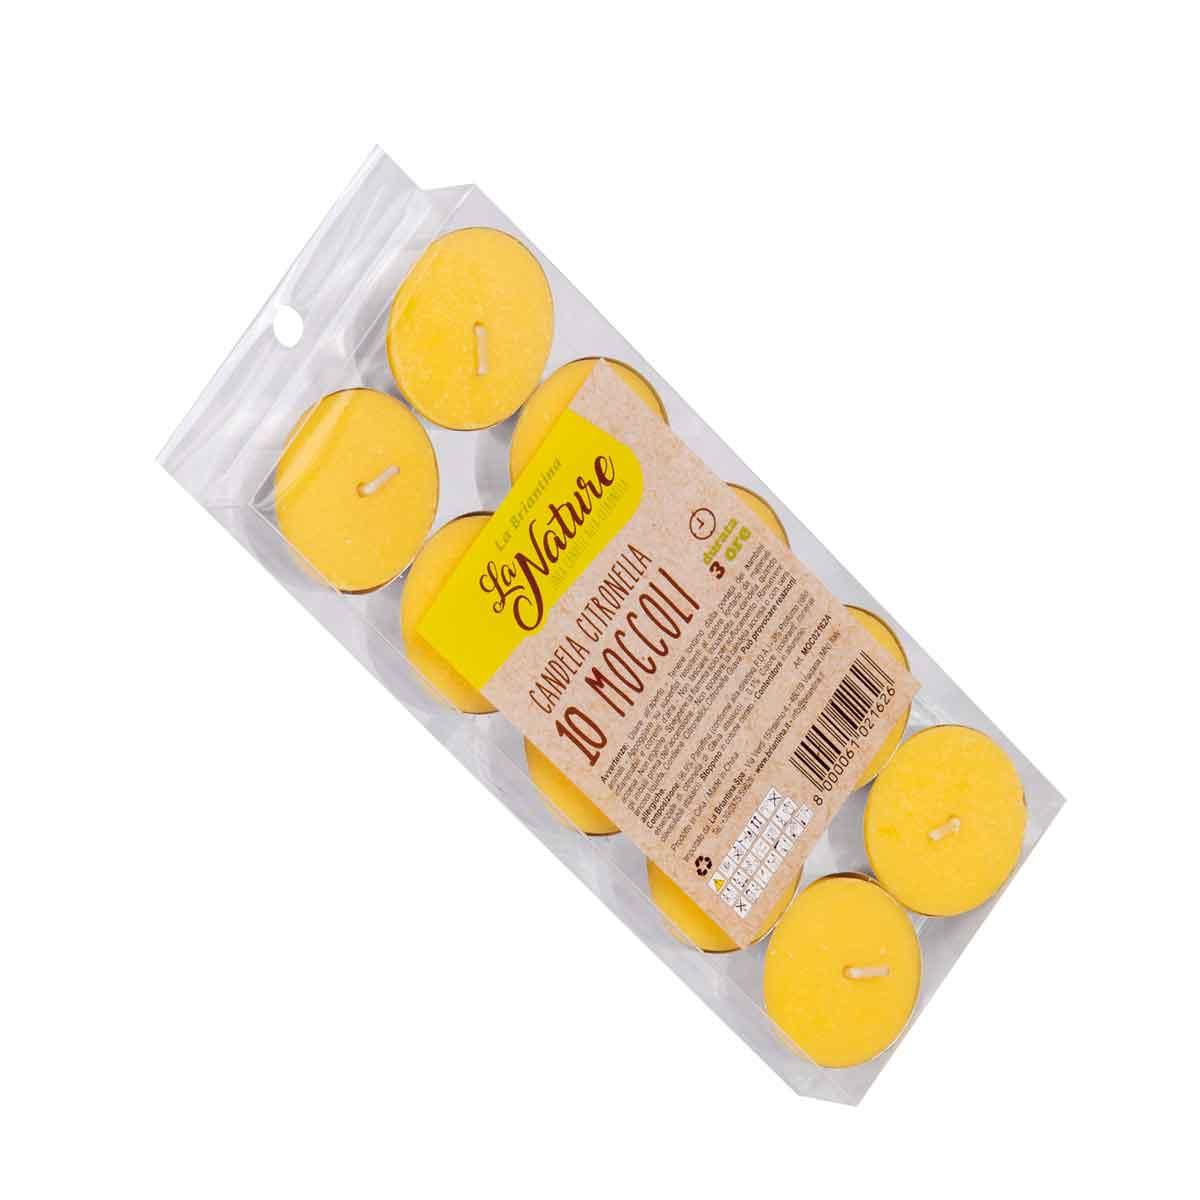 La Briantina – Moccoli alla citronella – 10pz